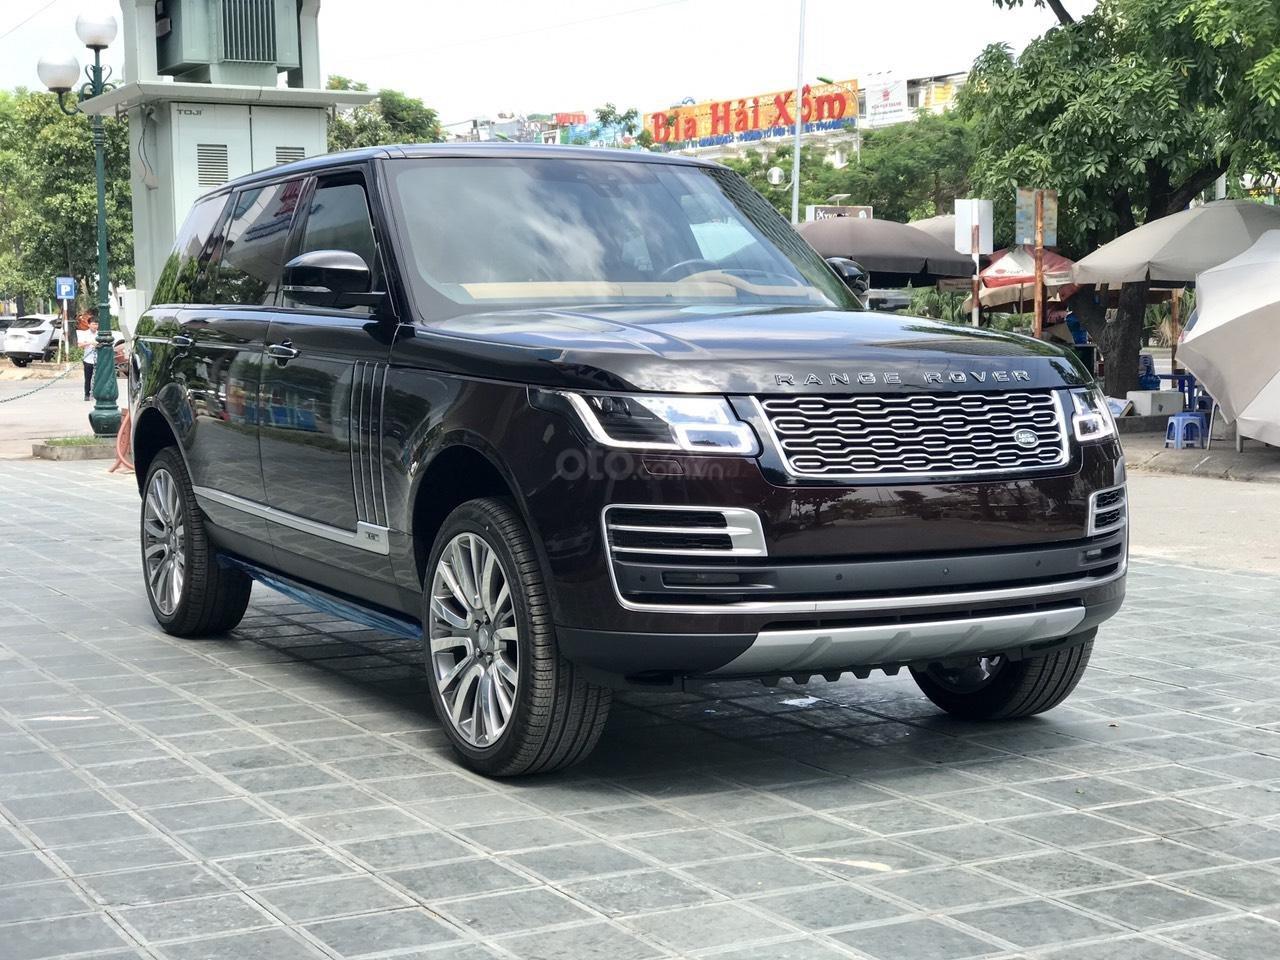 Bán xe Range Rover SV Autobiography 3.0 màu đỏ 2020, xe có sẵn giao ngay toàn quốc, giá tốt LH Ms Hương (4)